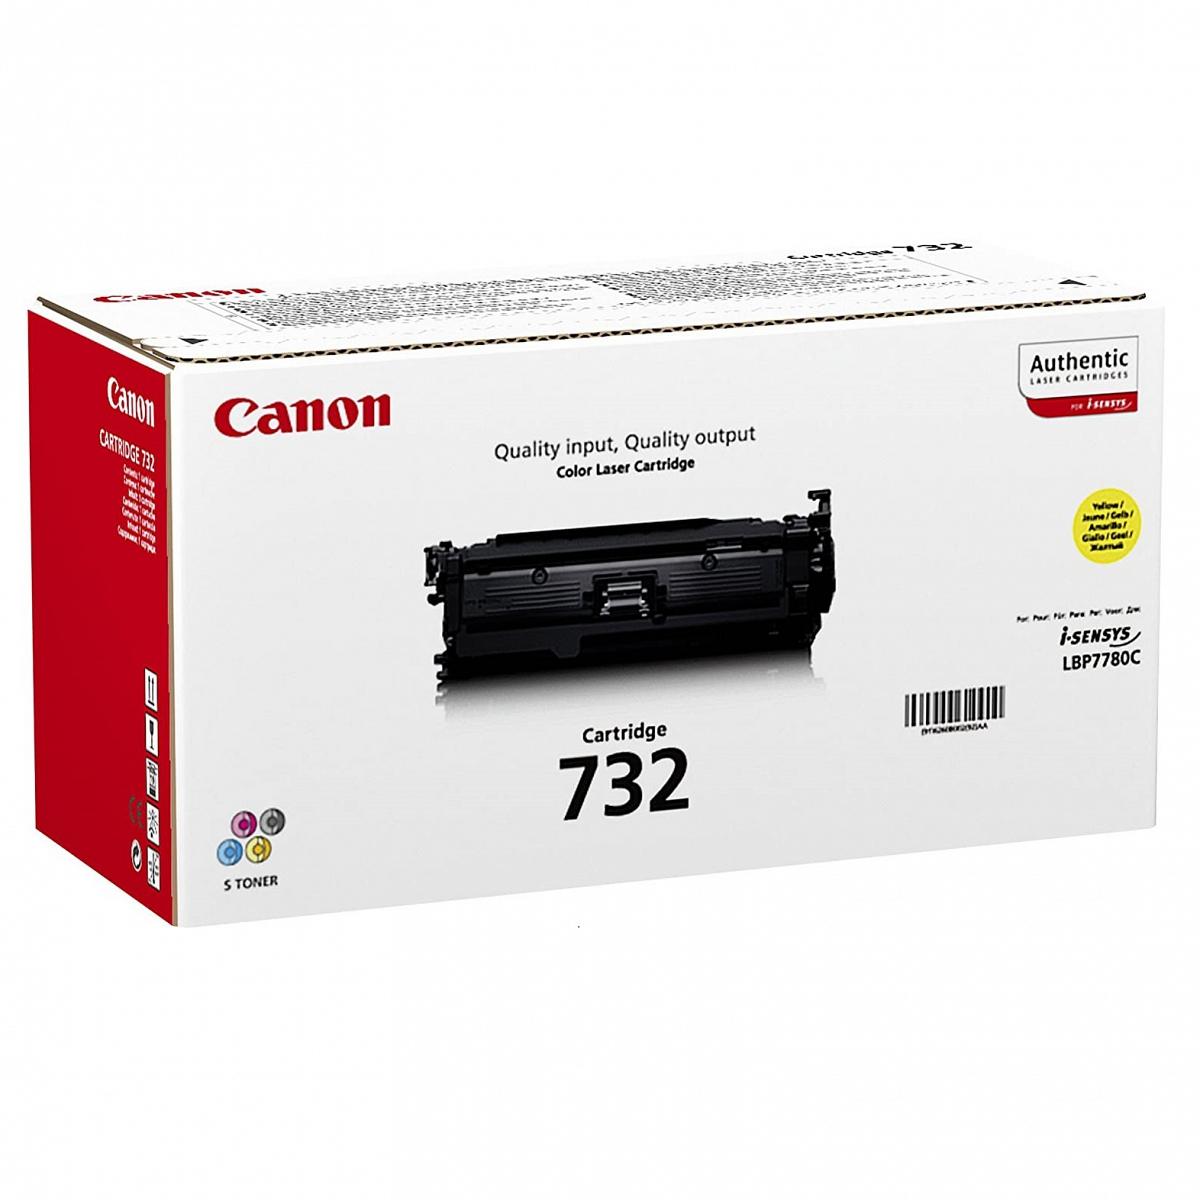 Toner Canon CRG-732